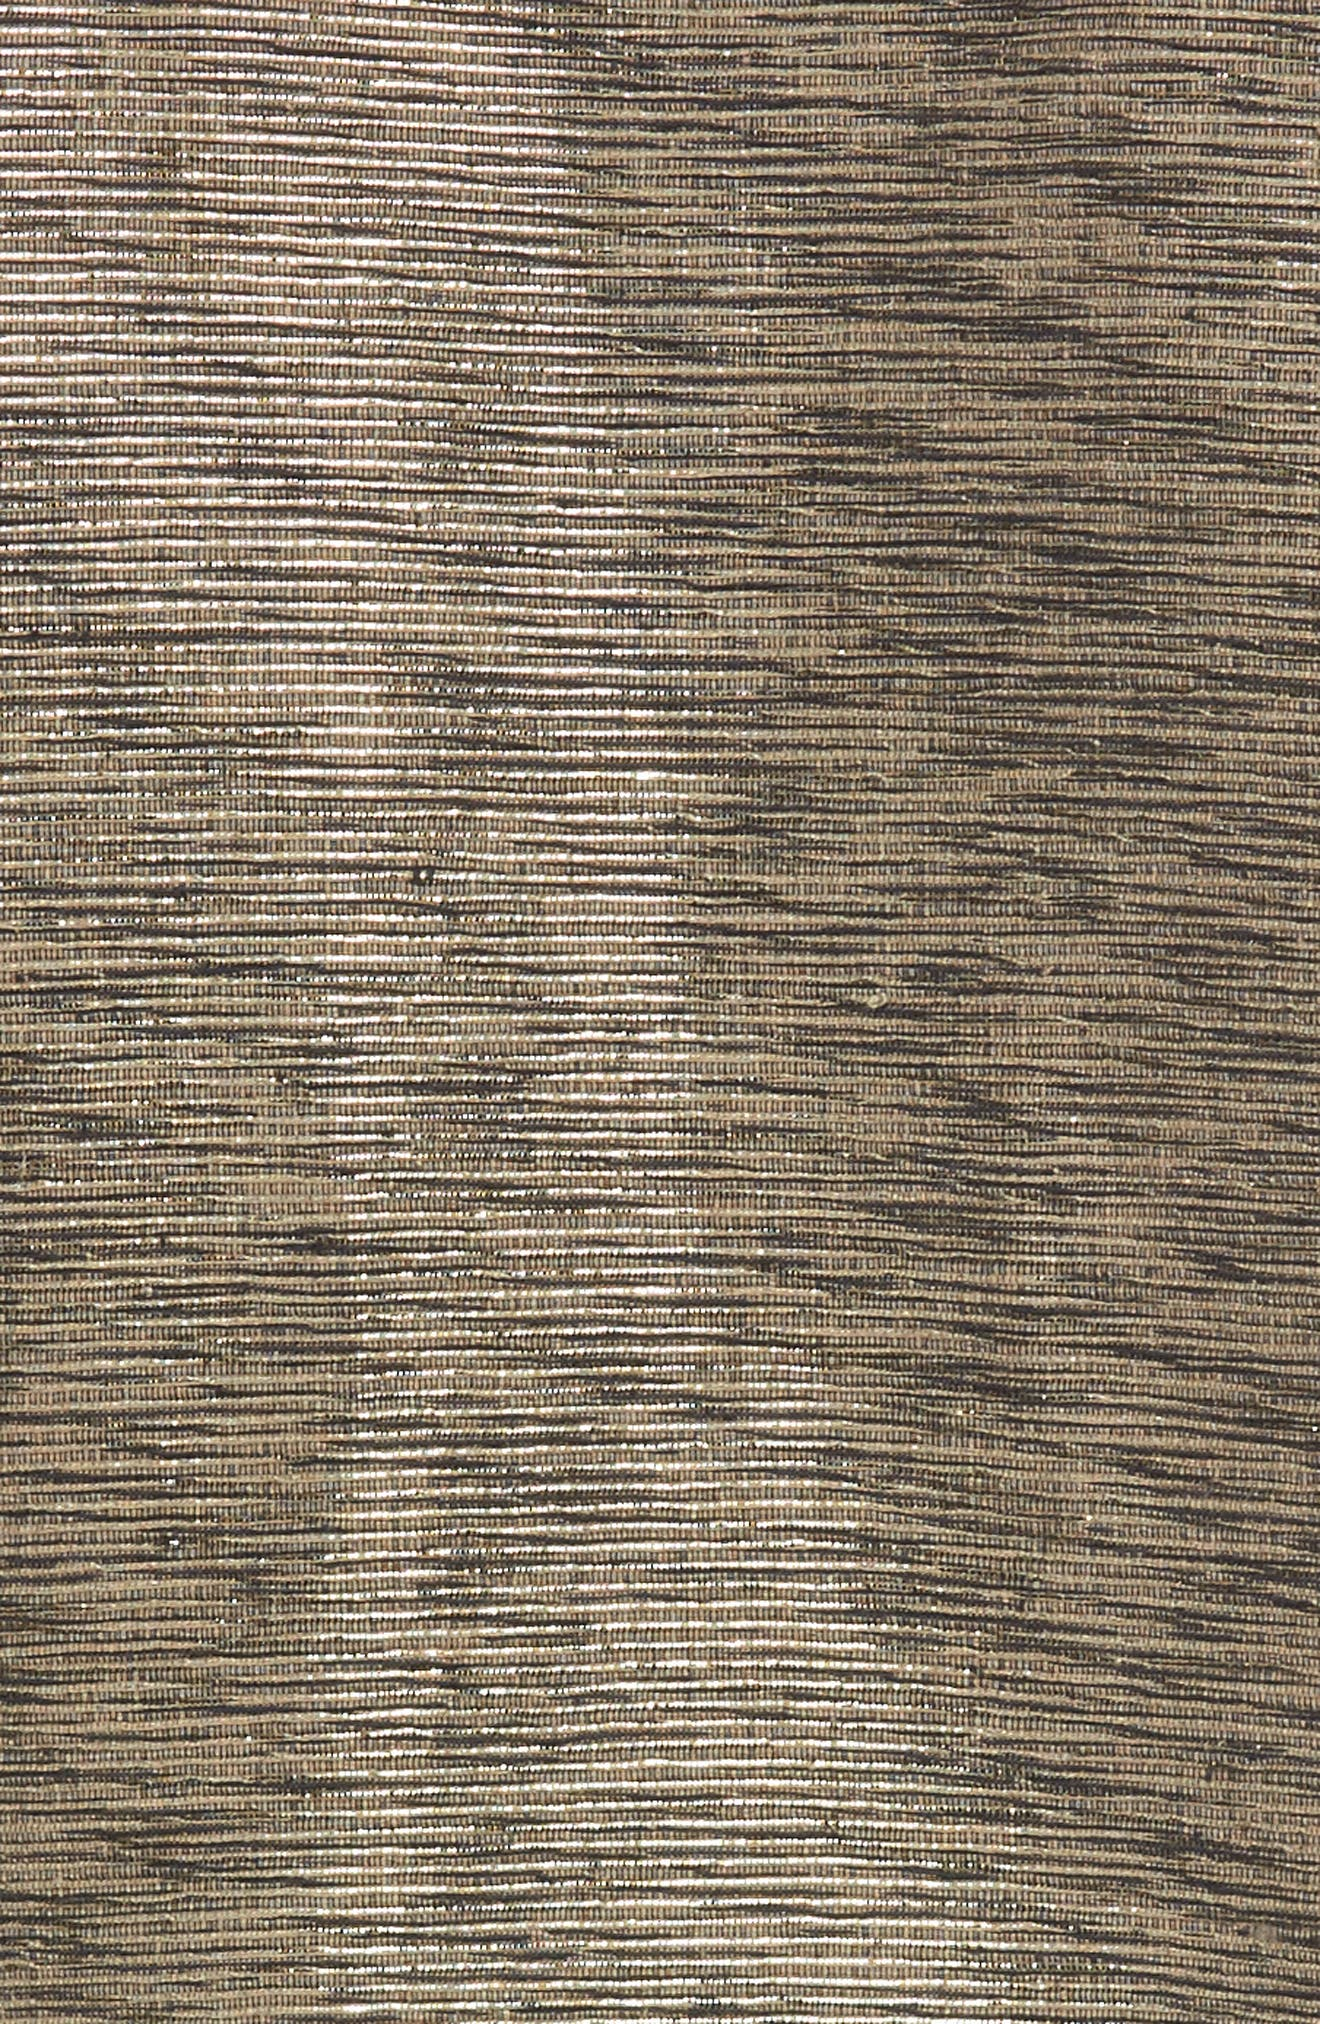 Metallic Tweed Jacket,                             Alternate thumbnail 5, color,                             Ash/ Black/ Cat Eye